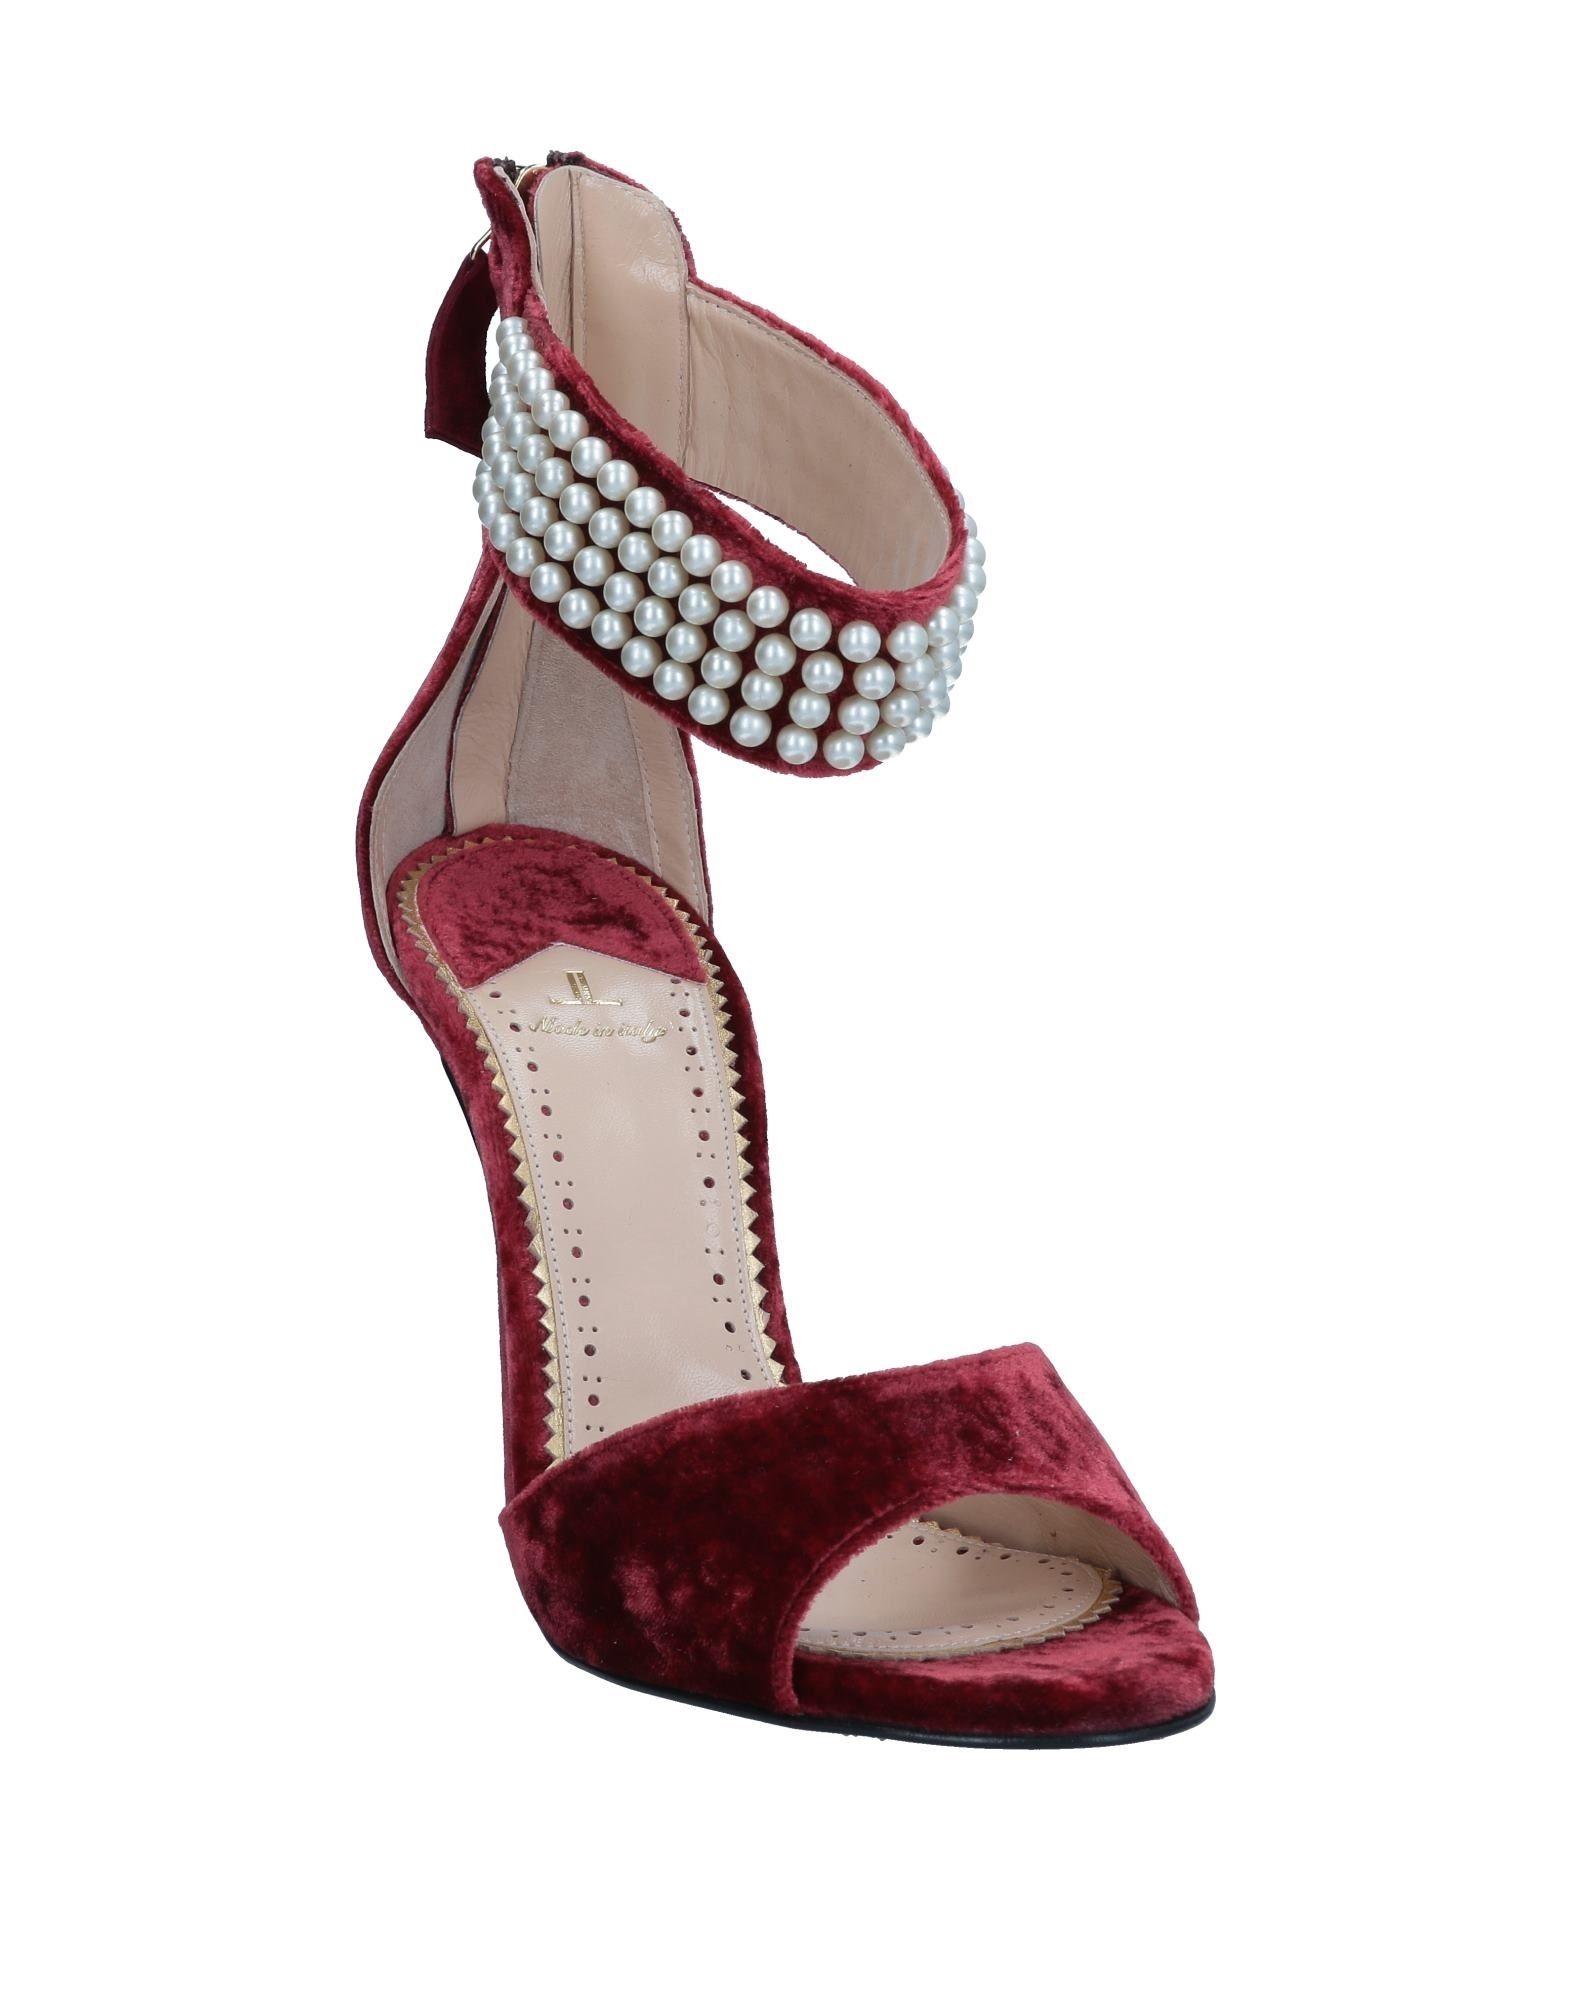 Rabatt Damen Schuhe Louis Leeman Sandalen Damen Rabatt  11542914CR c3e160